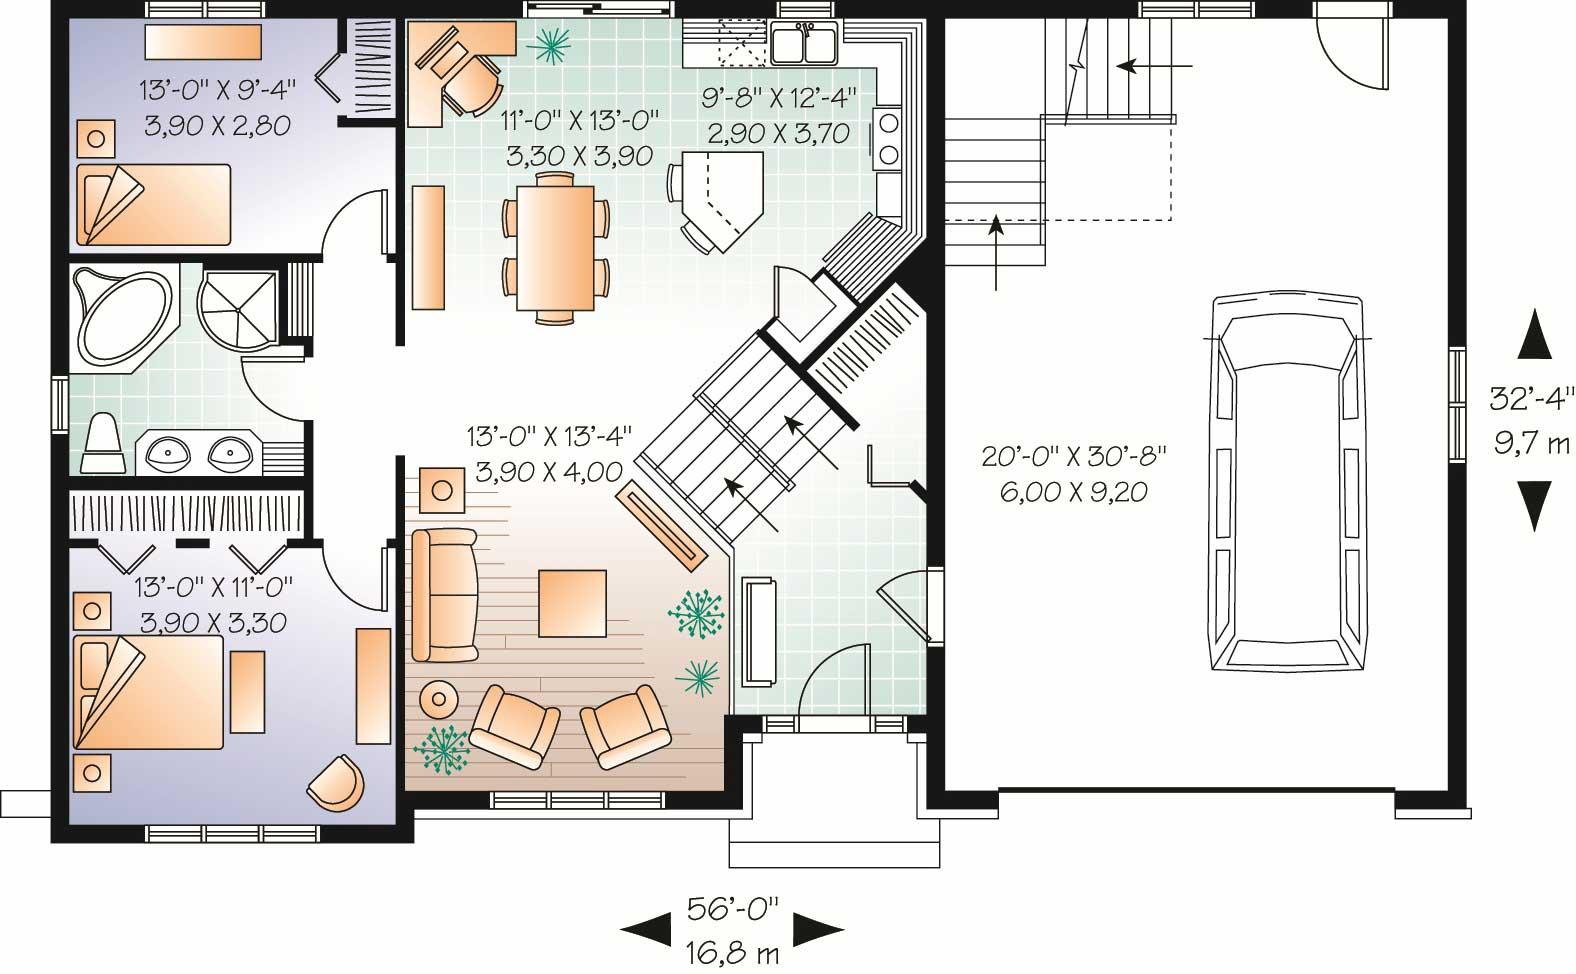 Split-Level/Multi-Level House Plan: 2136 Sq. Ft. Home Plan